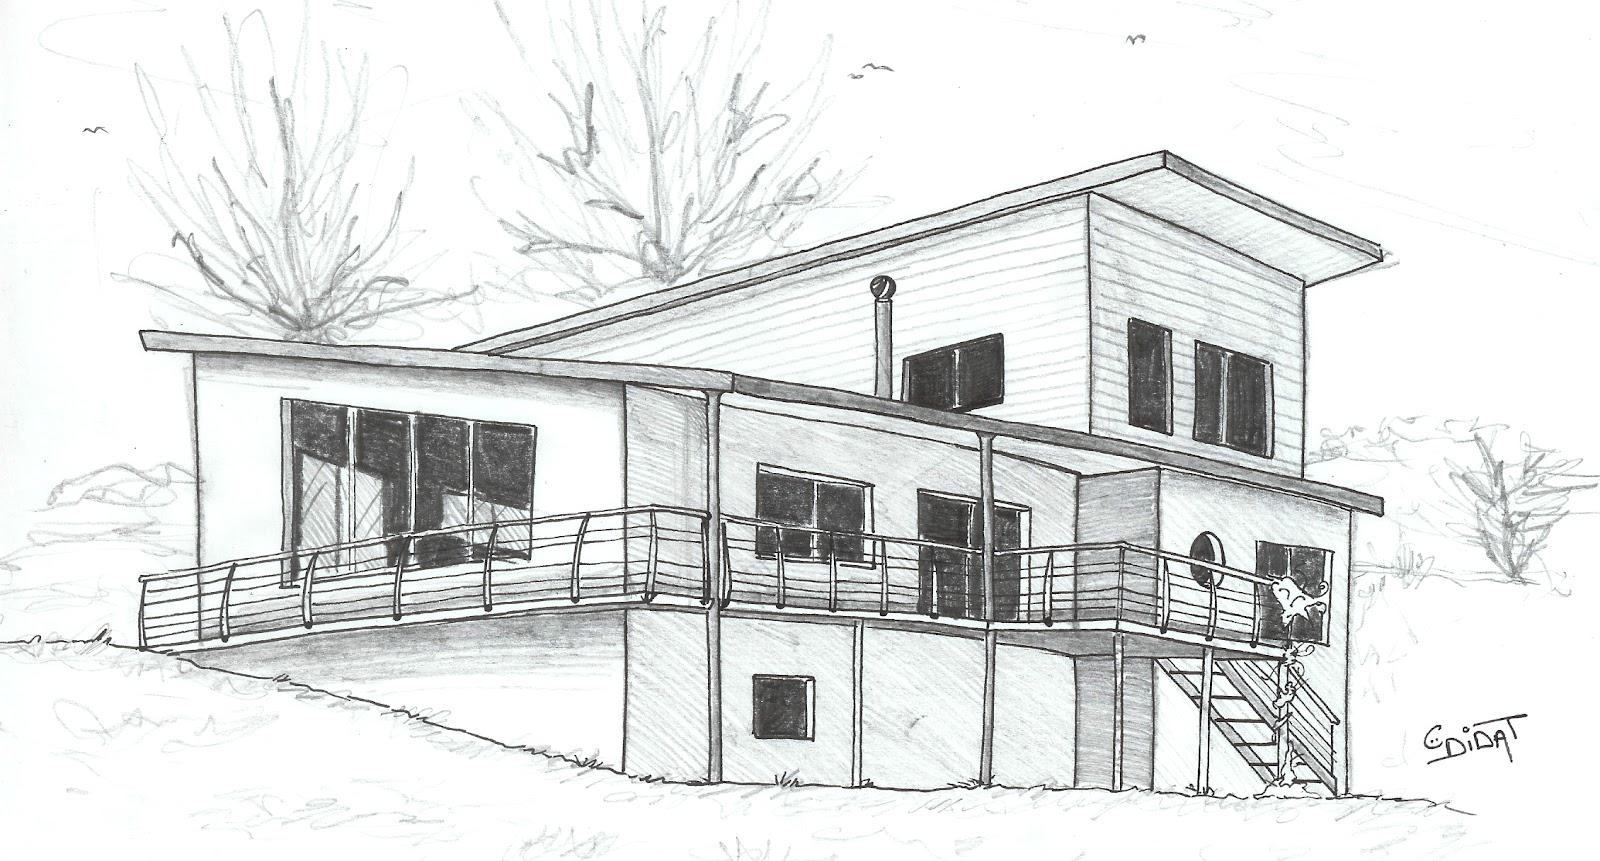 Didat studio dessinateur ind pendant avril 2012 - Maison noir et blanc ...